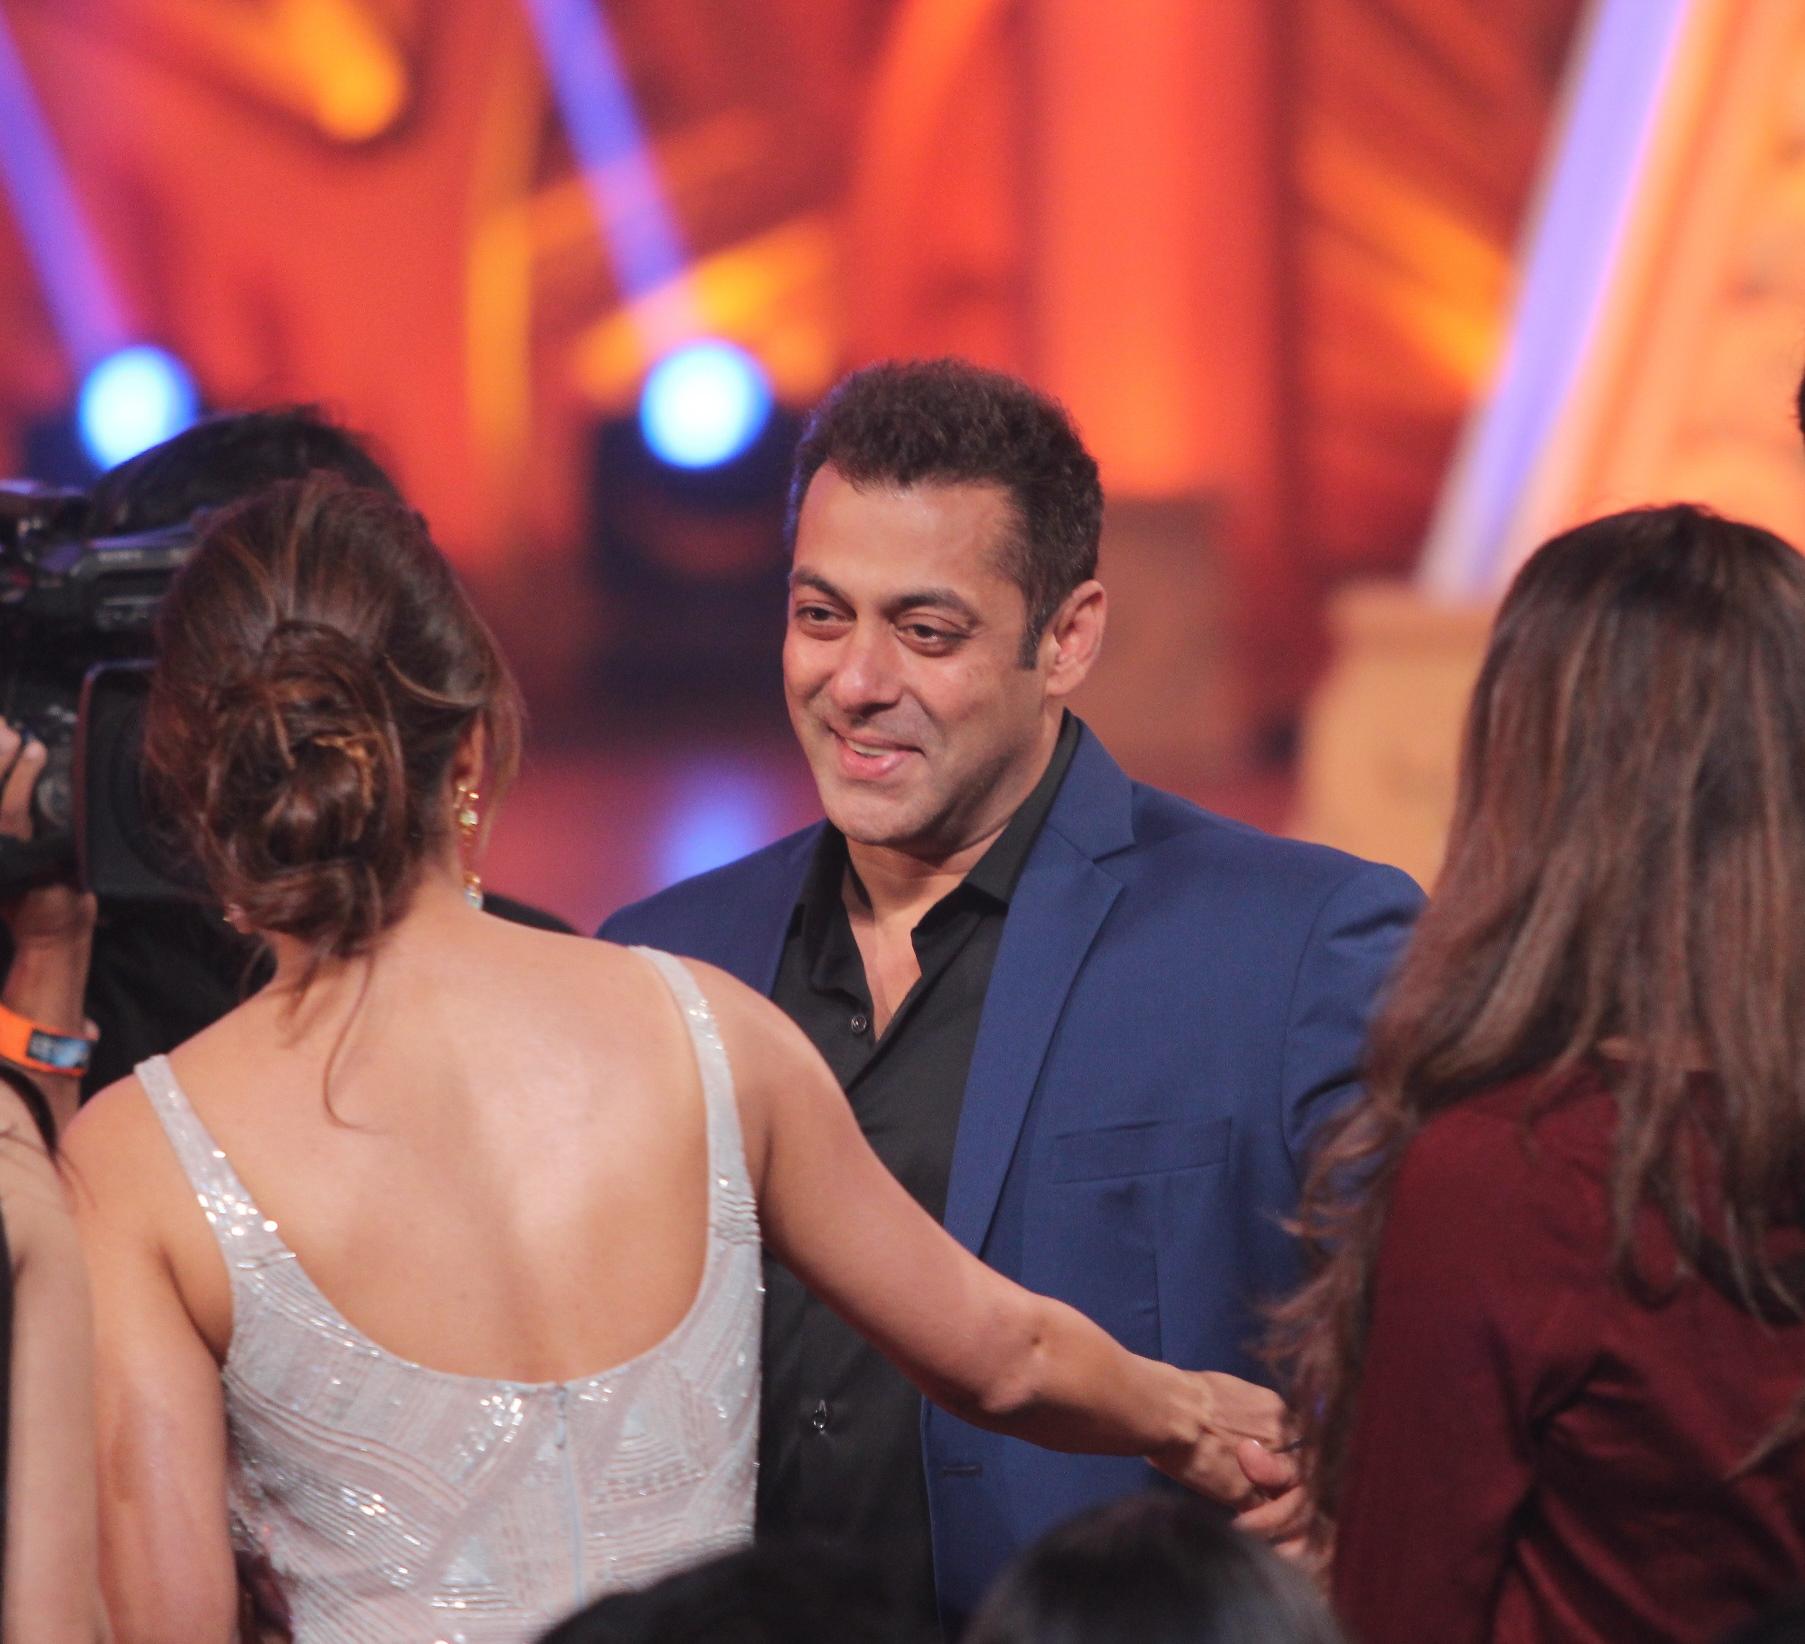 Colors Golden Petal Awards 2016: Salman Khan And Malaika Arora Khan Were Seen Hugging At